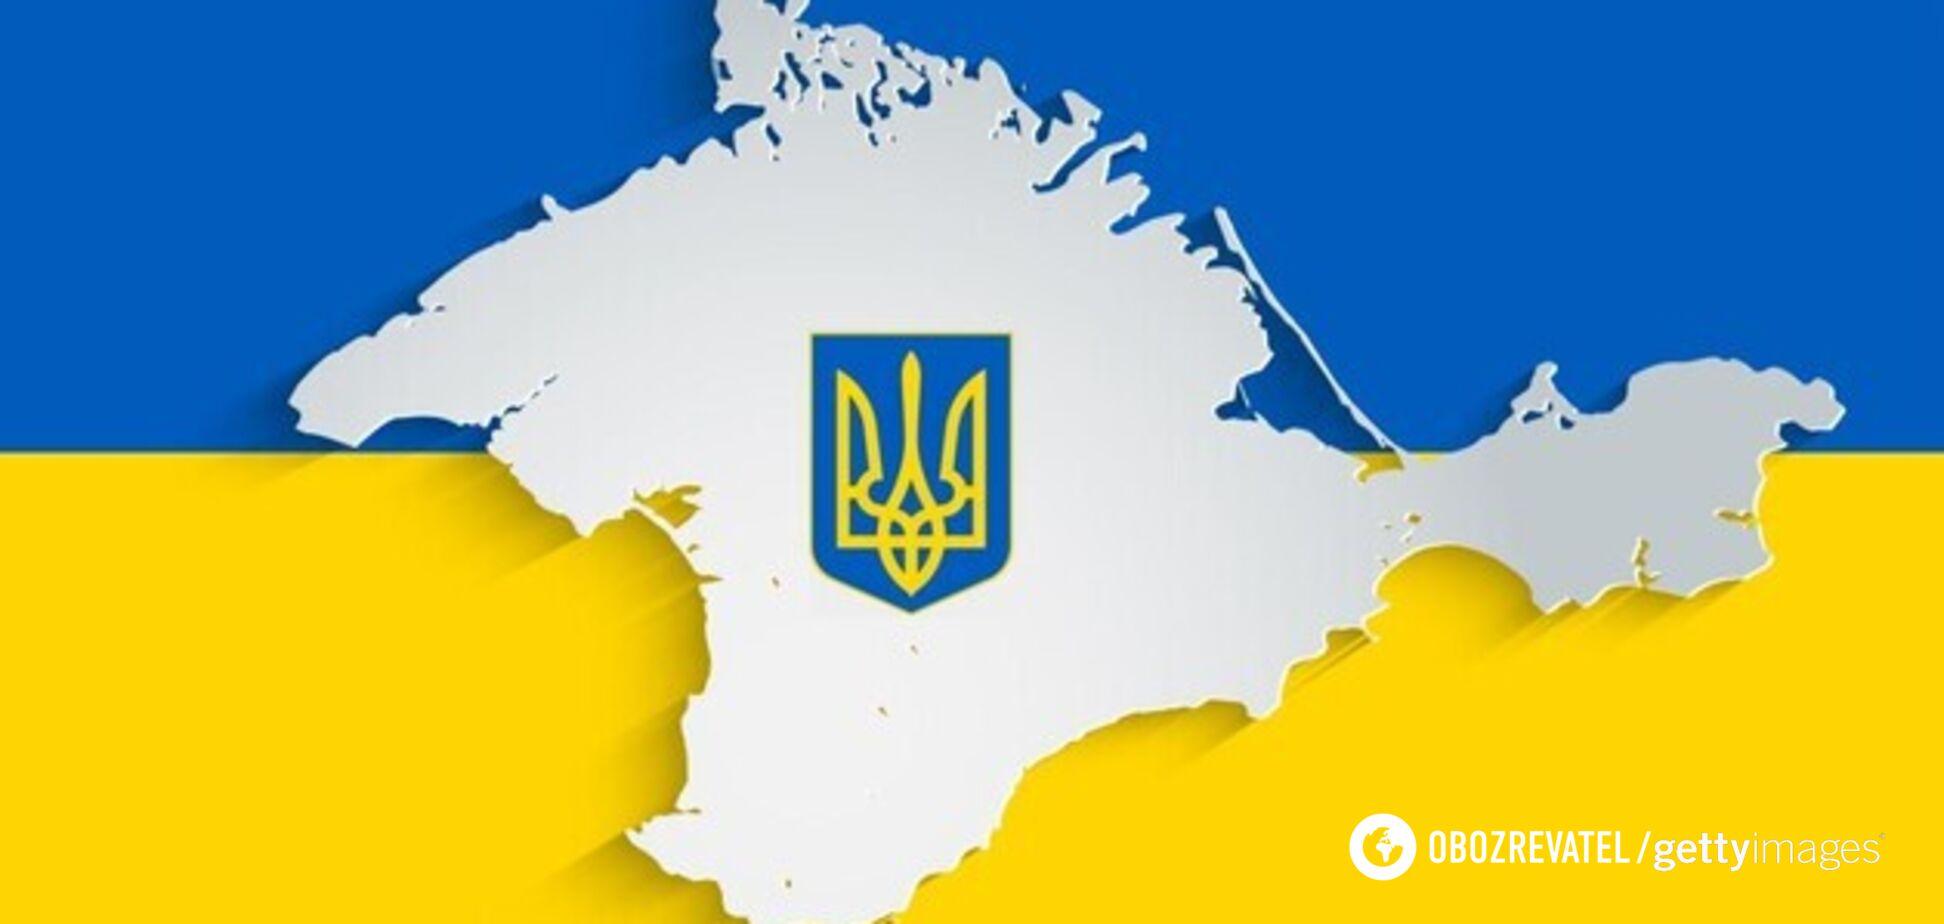 Вопрос с Крымом не решен: Лавров и Шойгу получили особое задание от Путина